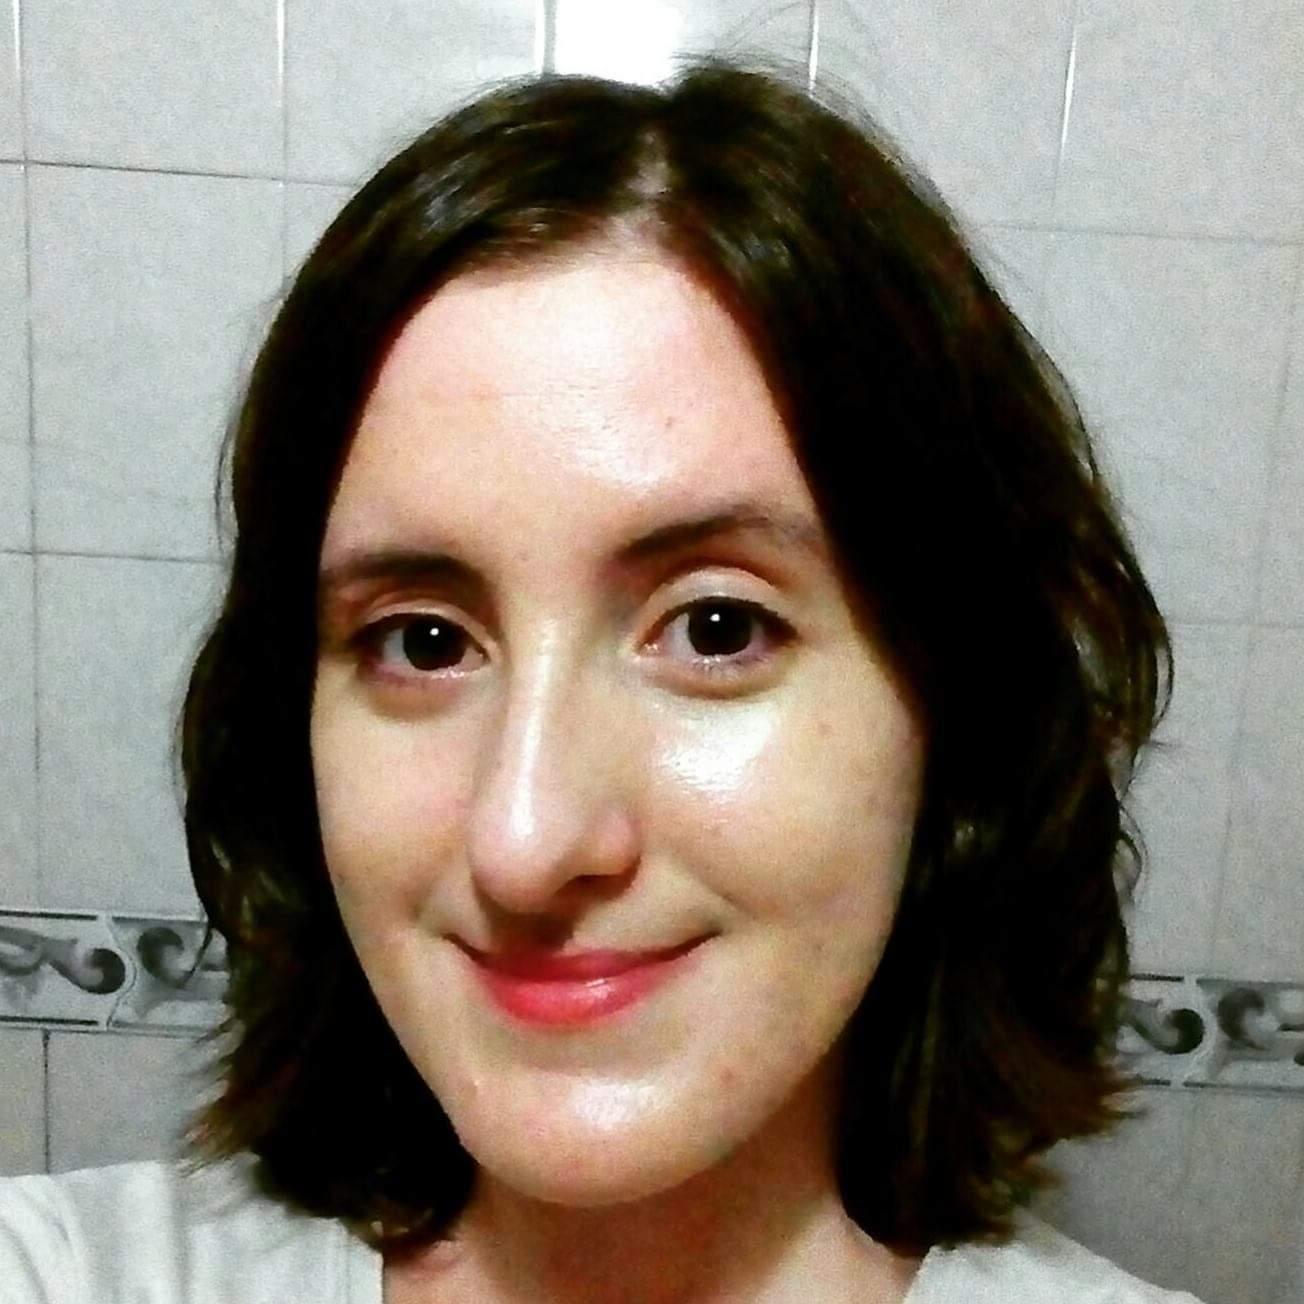 Puli Machado de Beautypul